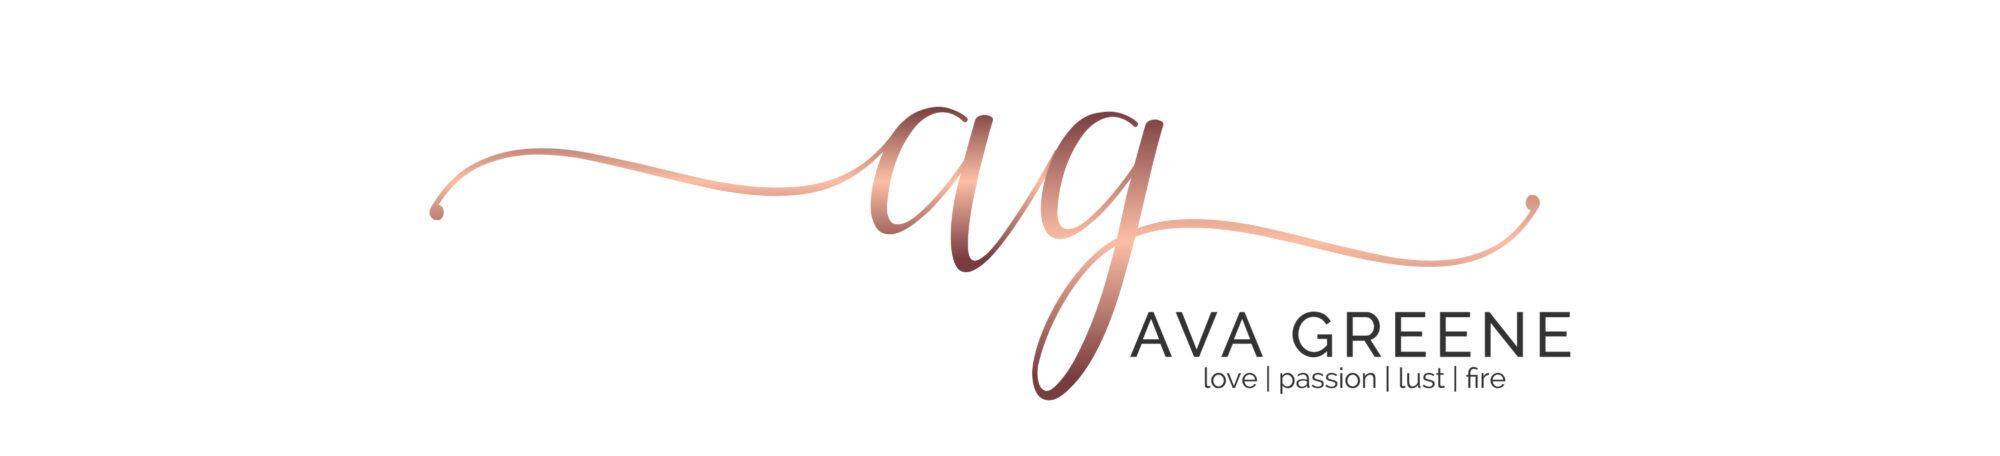 Ava Greene